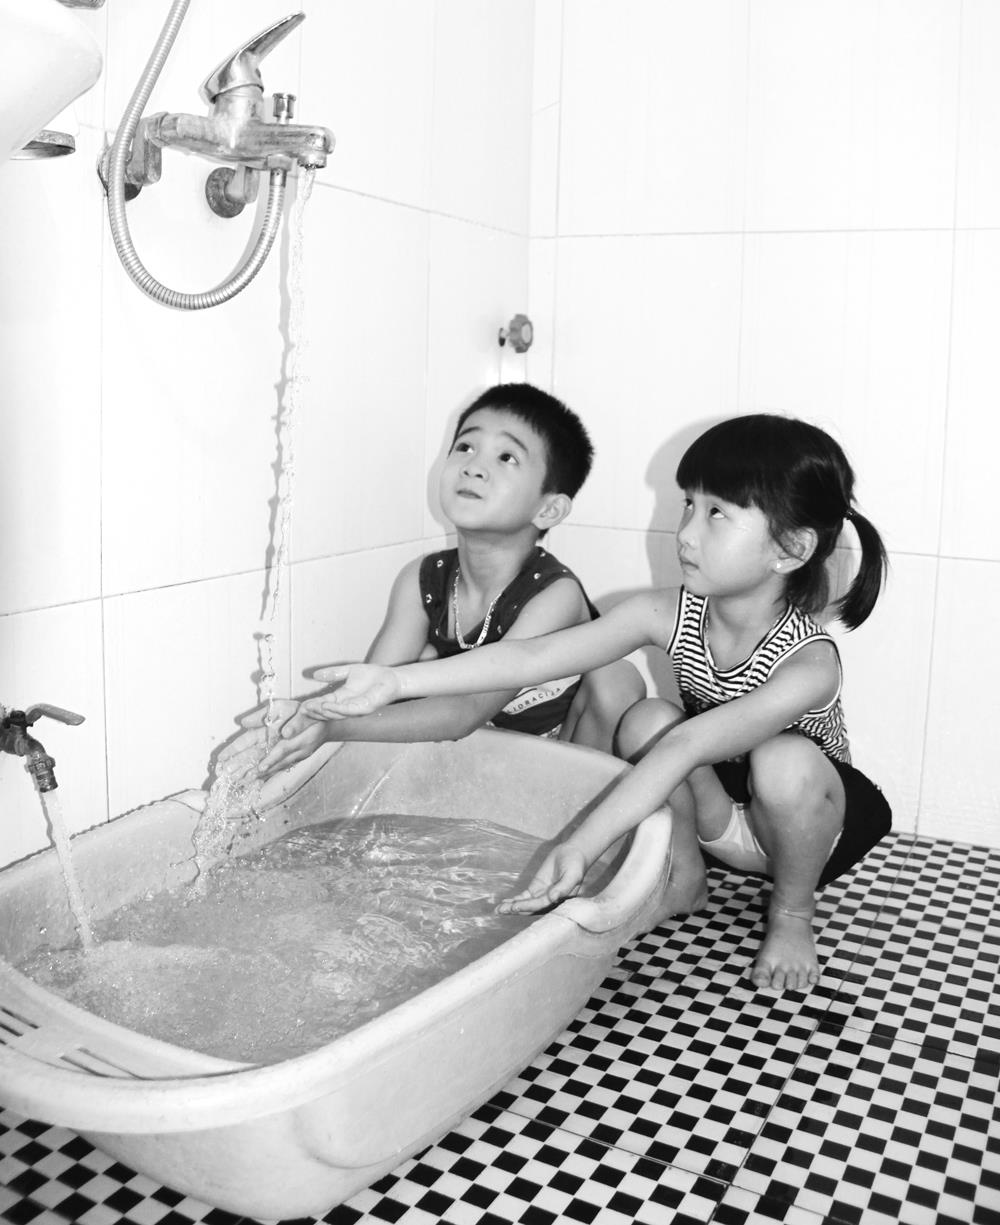 Công ty Cổ phần nước sạch Bắc Giang, Nỗ lực đầu tư, nâng cao năng lực cấp nước, đáp ứng nhu cầu sử dụng, nước sạch, tăng nhanh